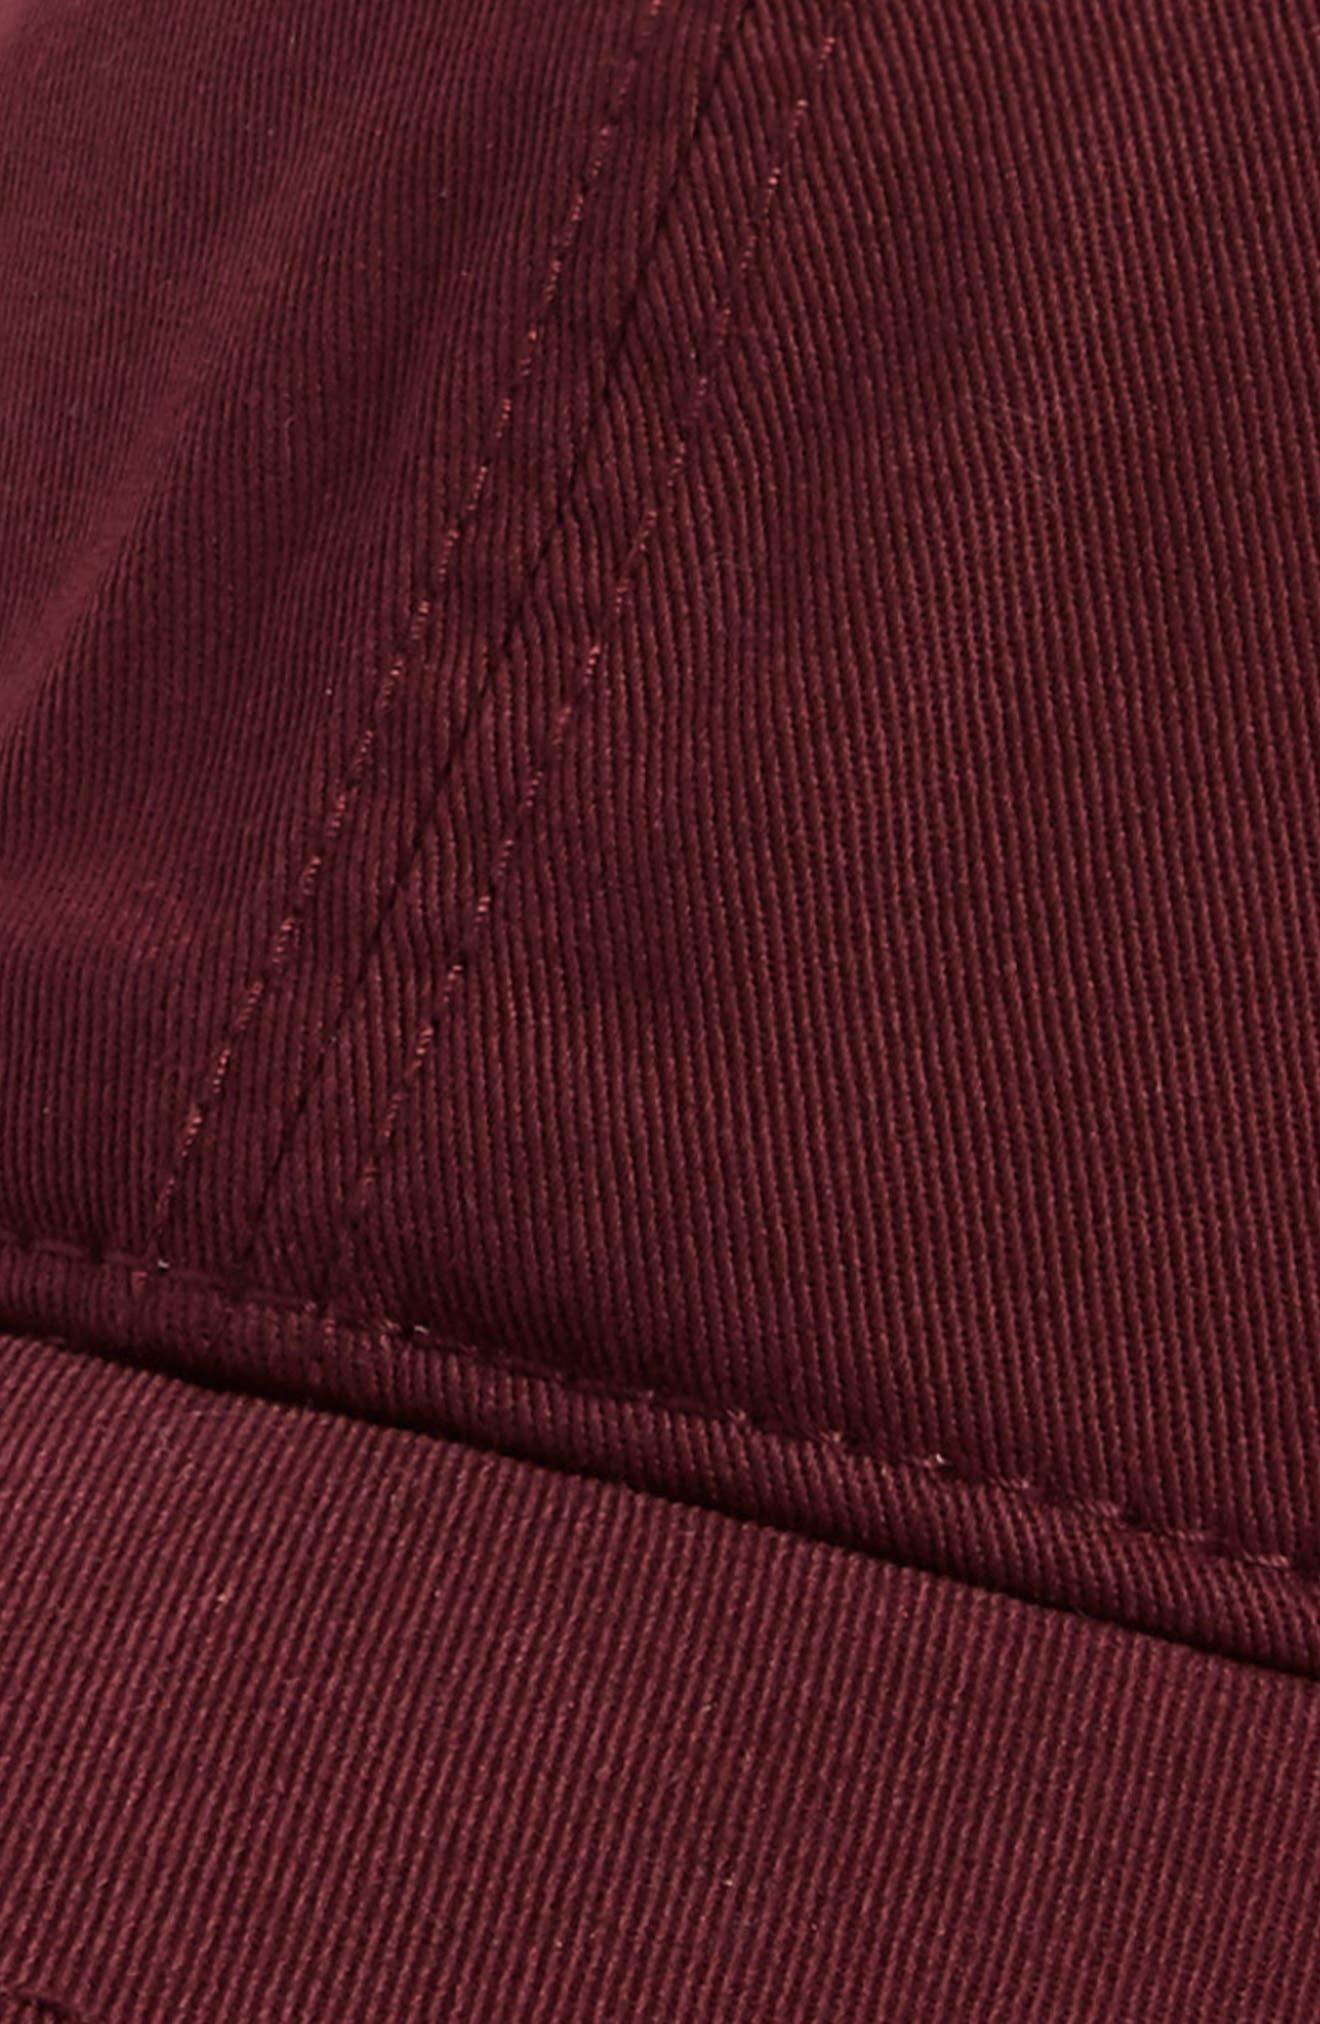 Alternate Image 3  - Lacoste 'Classic' Cap